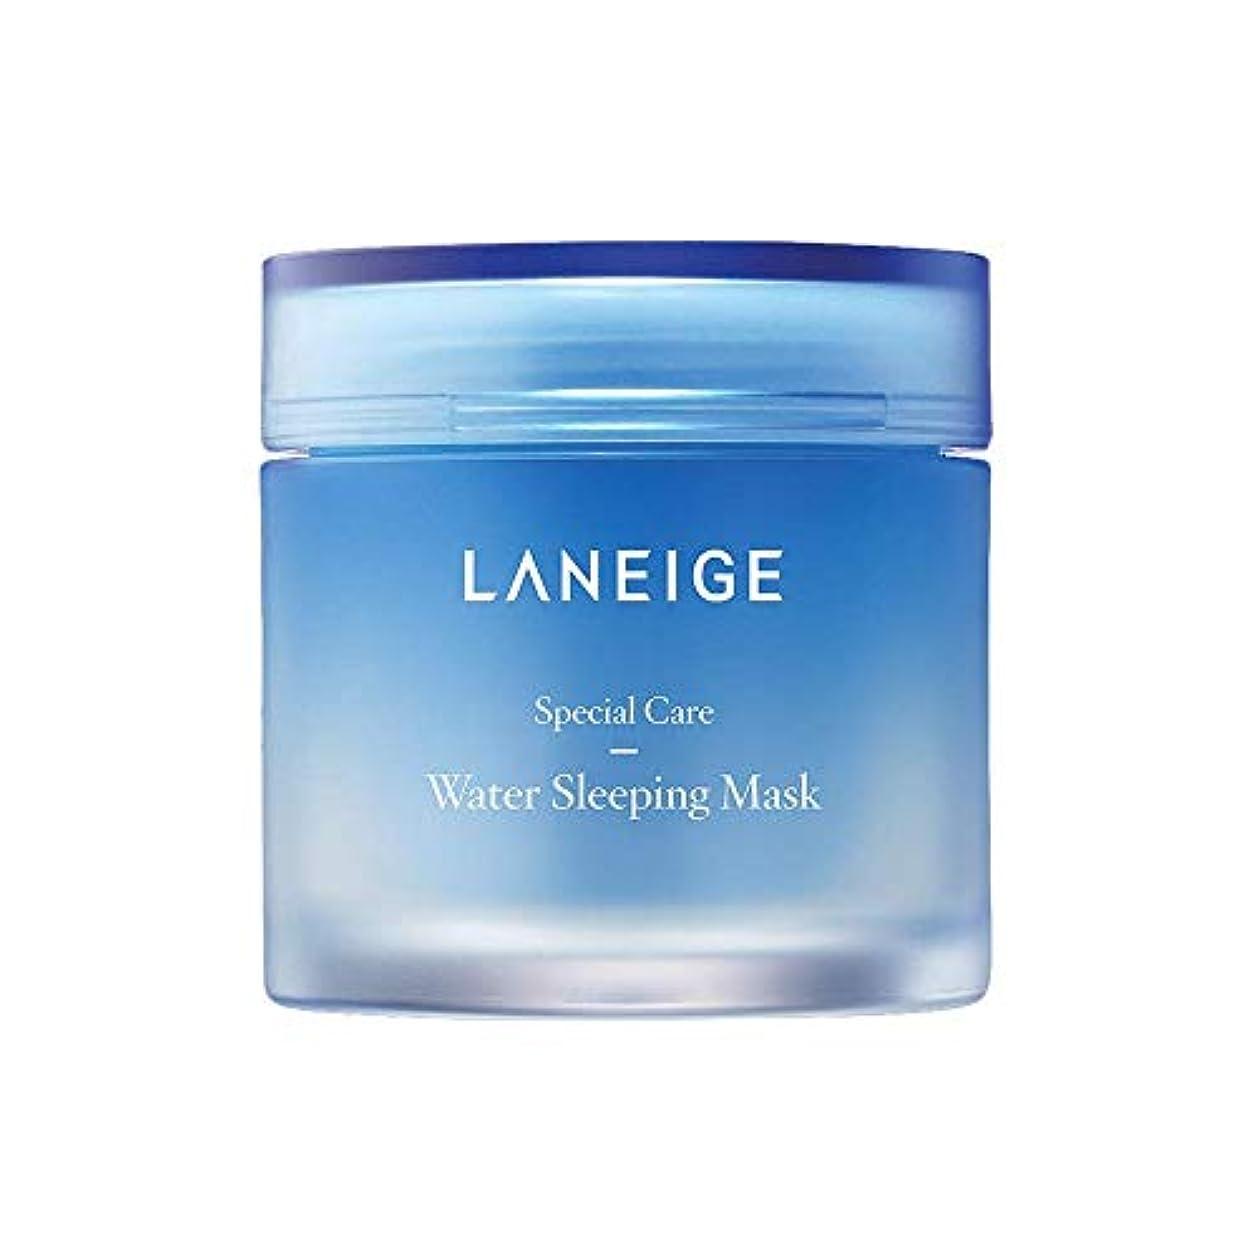 再開櫛摂動Water Sleeping Mask 70ml/ウォーター スリーピング マスク 70ml [50個限定!人気商品のサンプルプレゼント!]